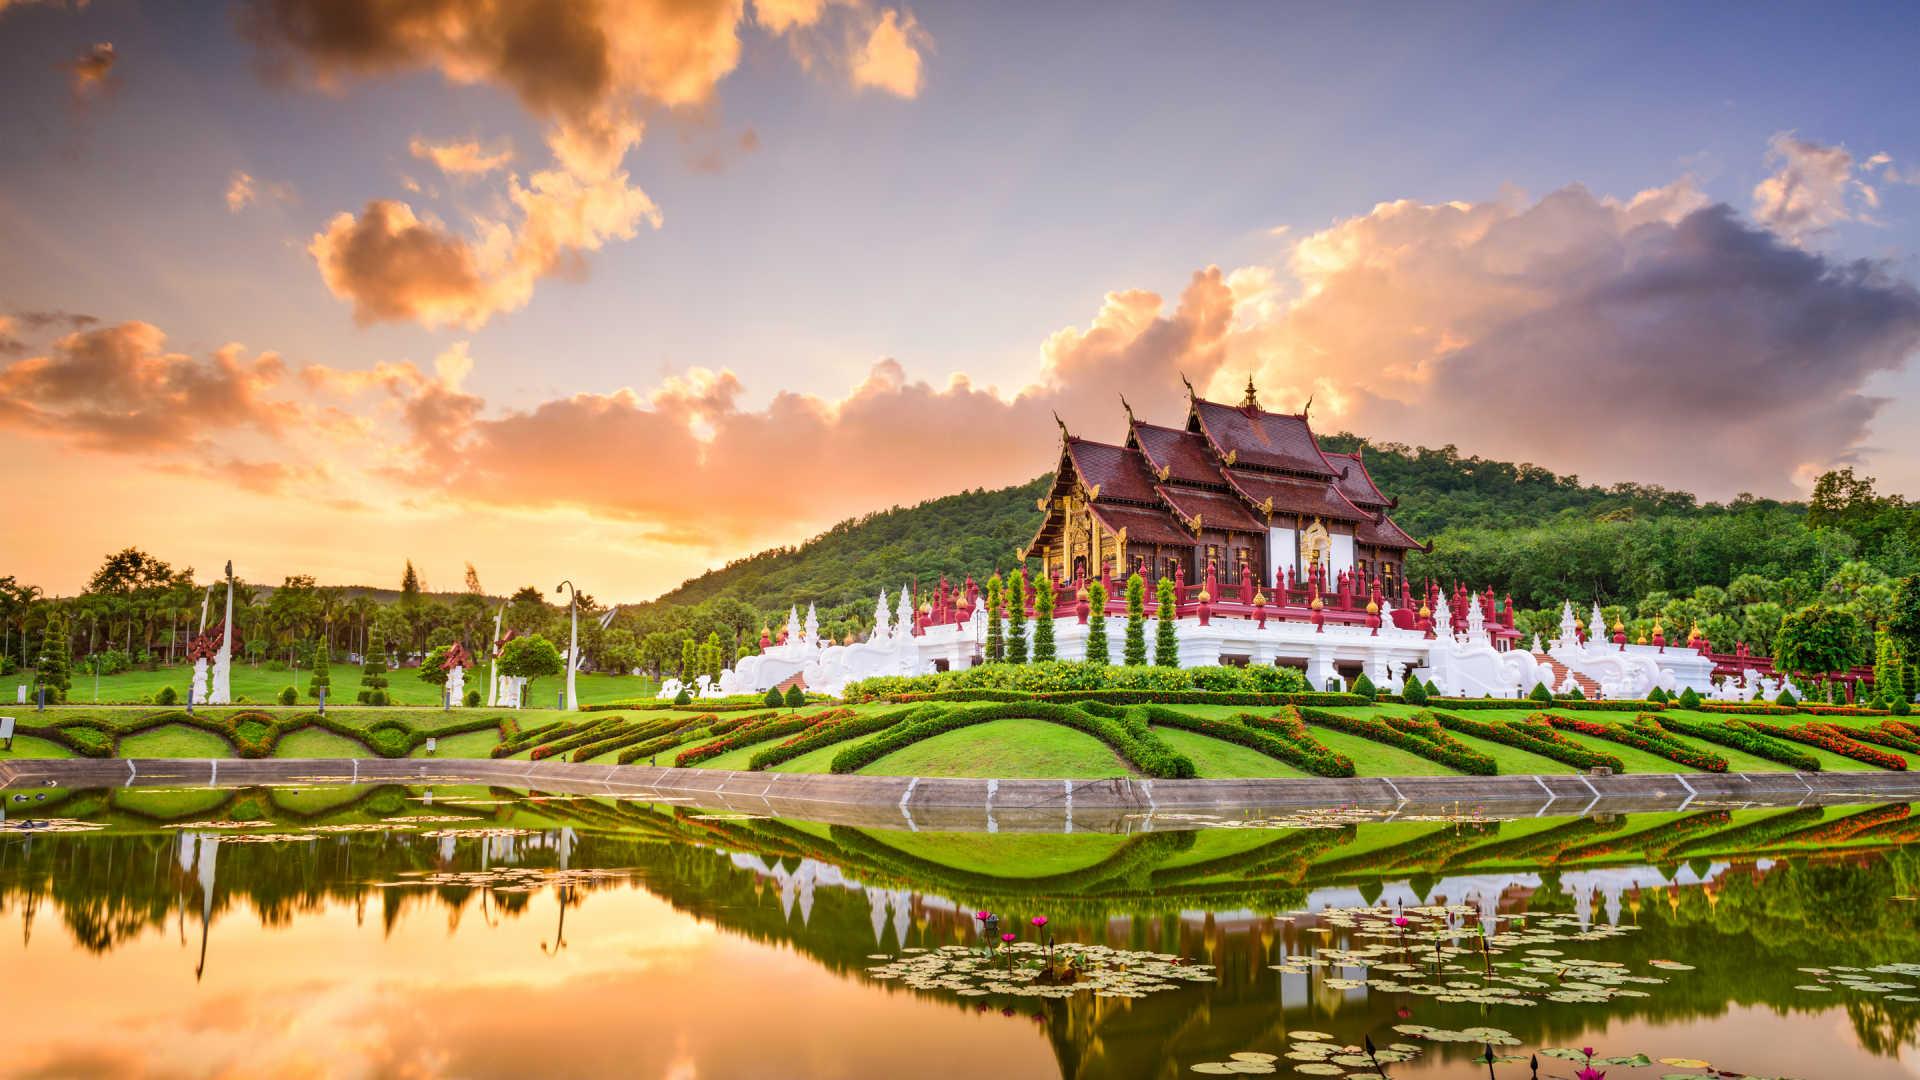 kinh nghiệm du lịch Chiang Rai